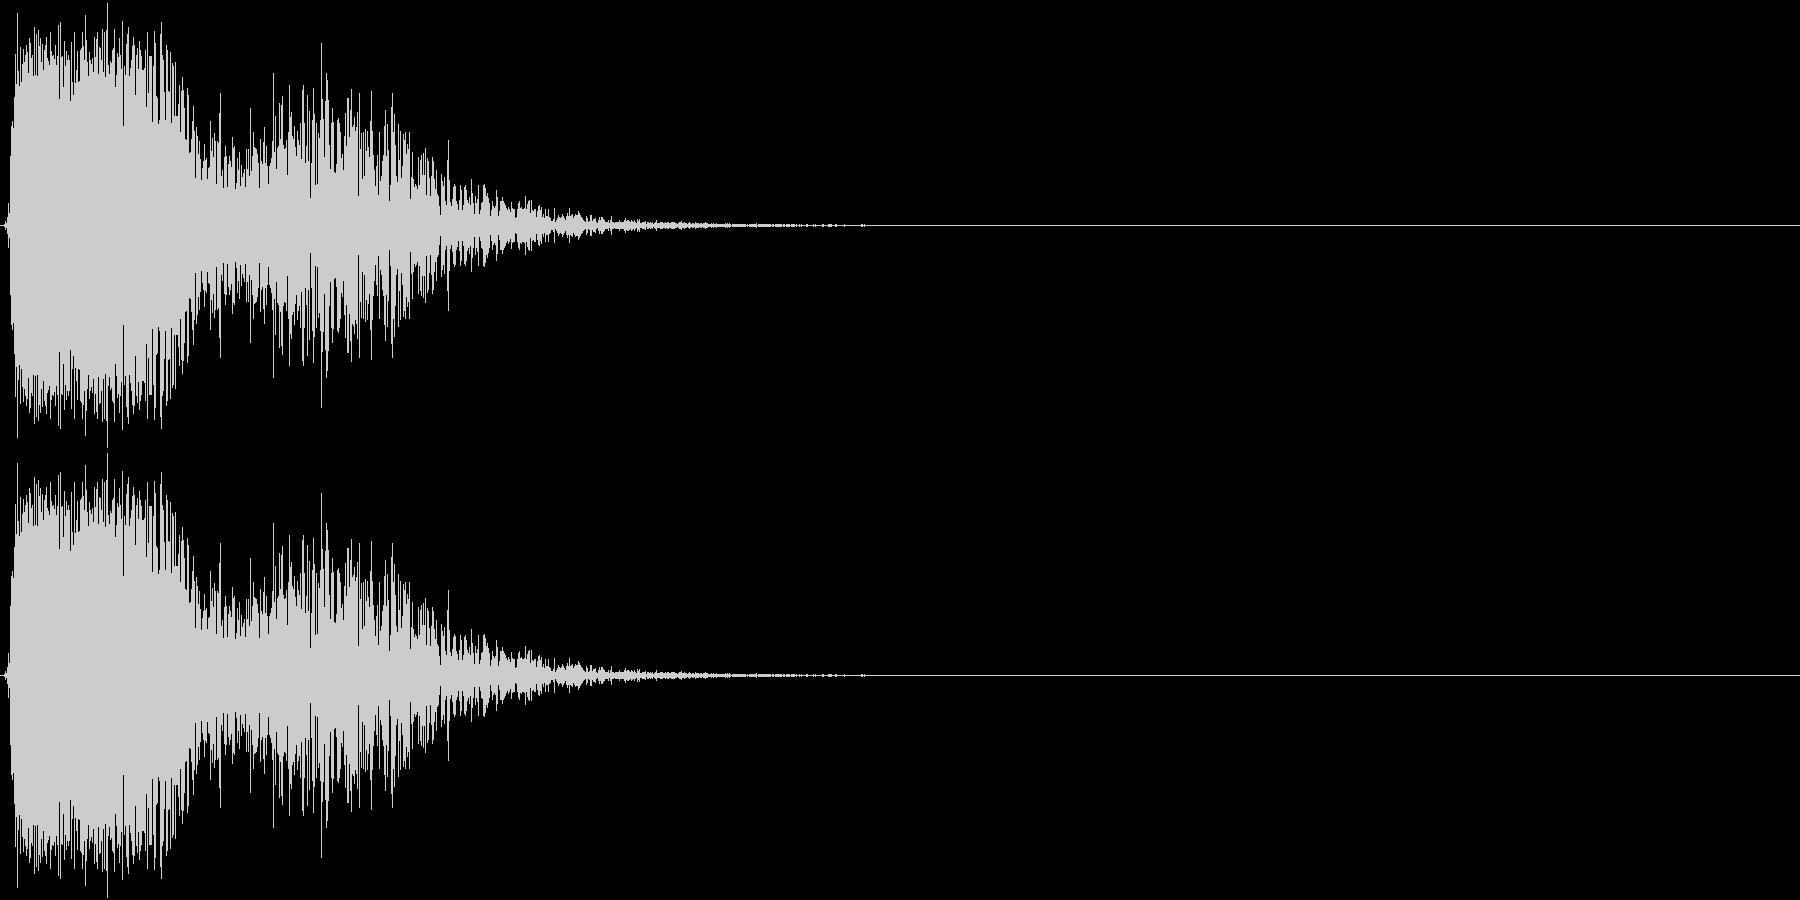 KAKUGE 格闘ゲーム戦闘音 54の未再生の波形